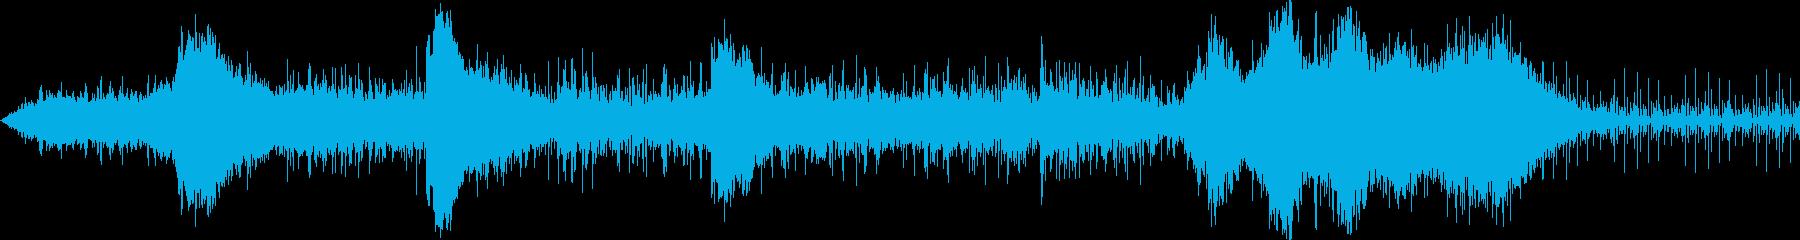 アンビエントなSci-Fi的恐怖音と囁きの再生済みの波形